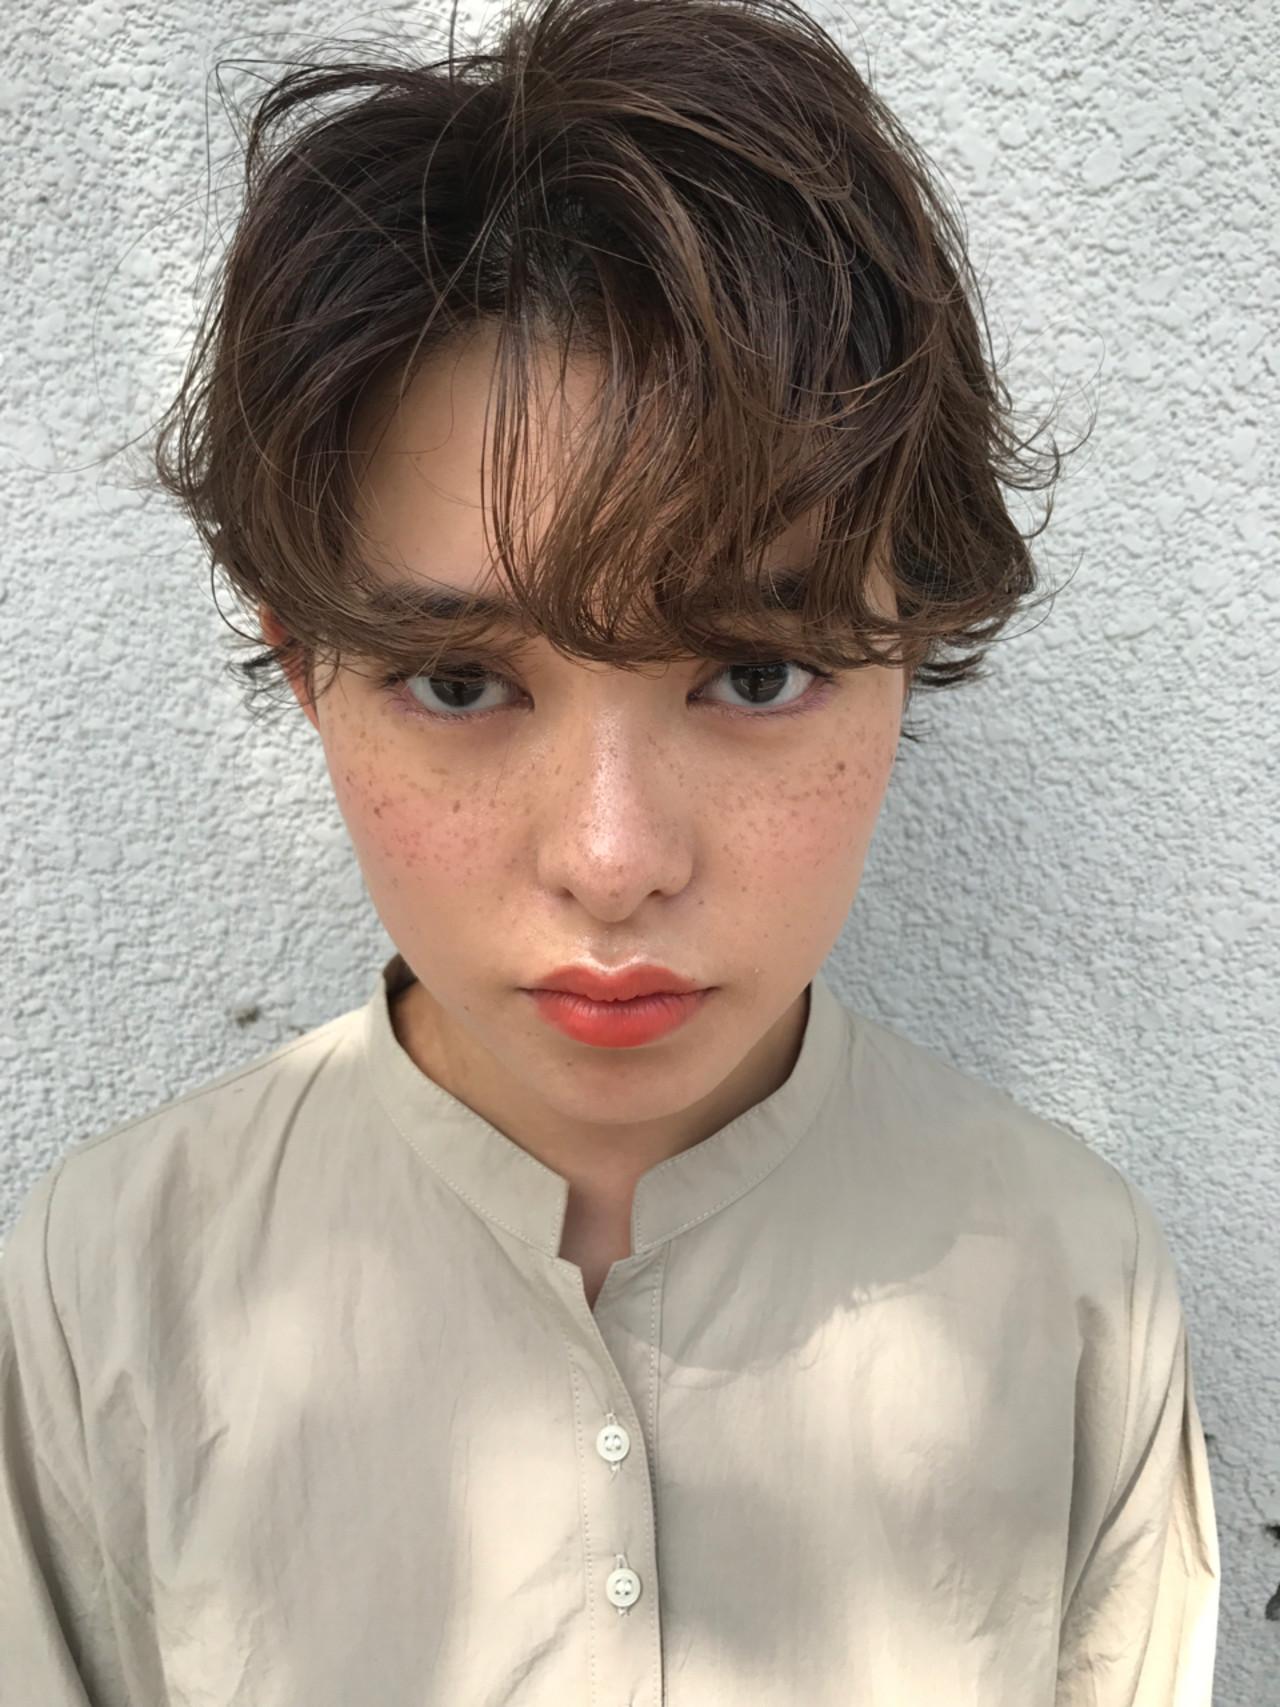 パーマ 透明感 抜け感 ハイライト ヘアスタイルや髪型の写真・画像